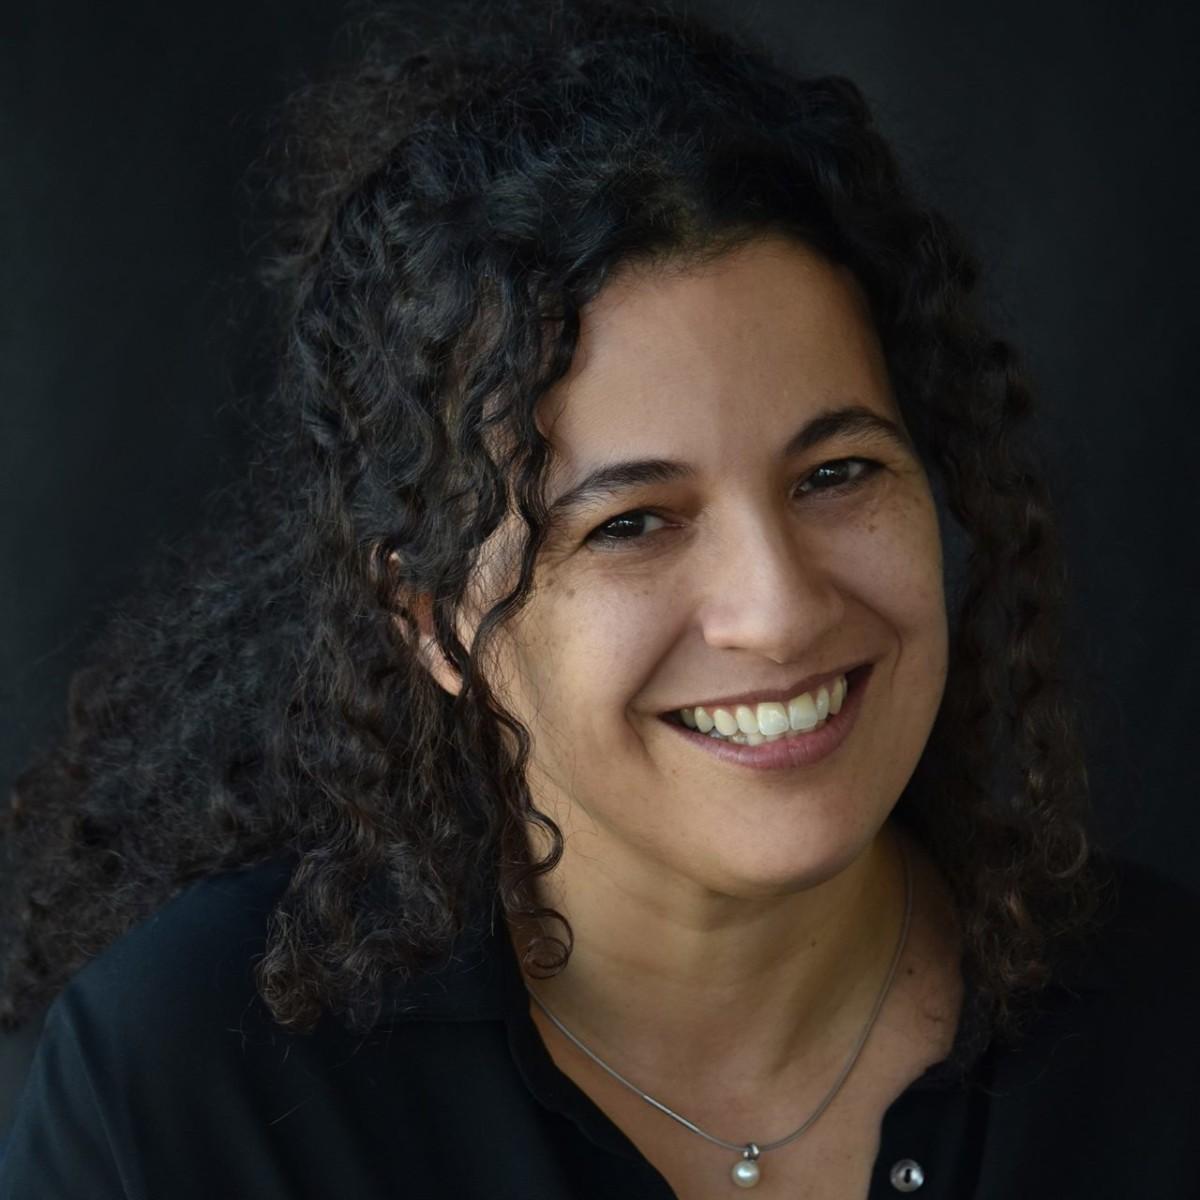 Мадиха Деруази (Madiha Derouazi), Ph.D., основатель и генеральный директор компании AMAL